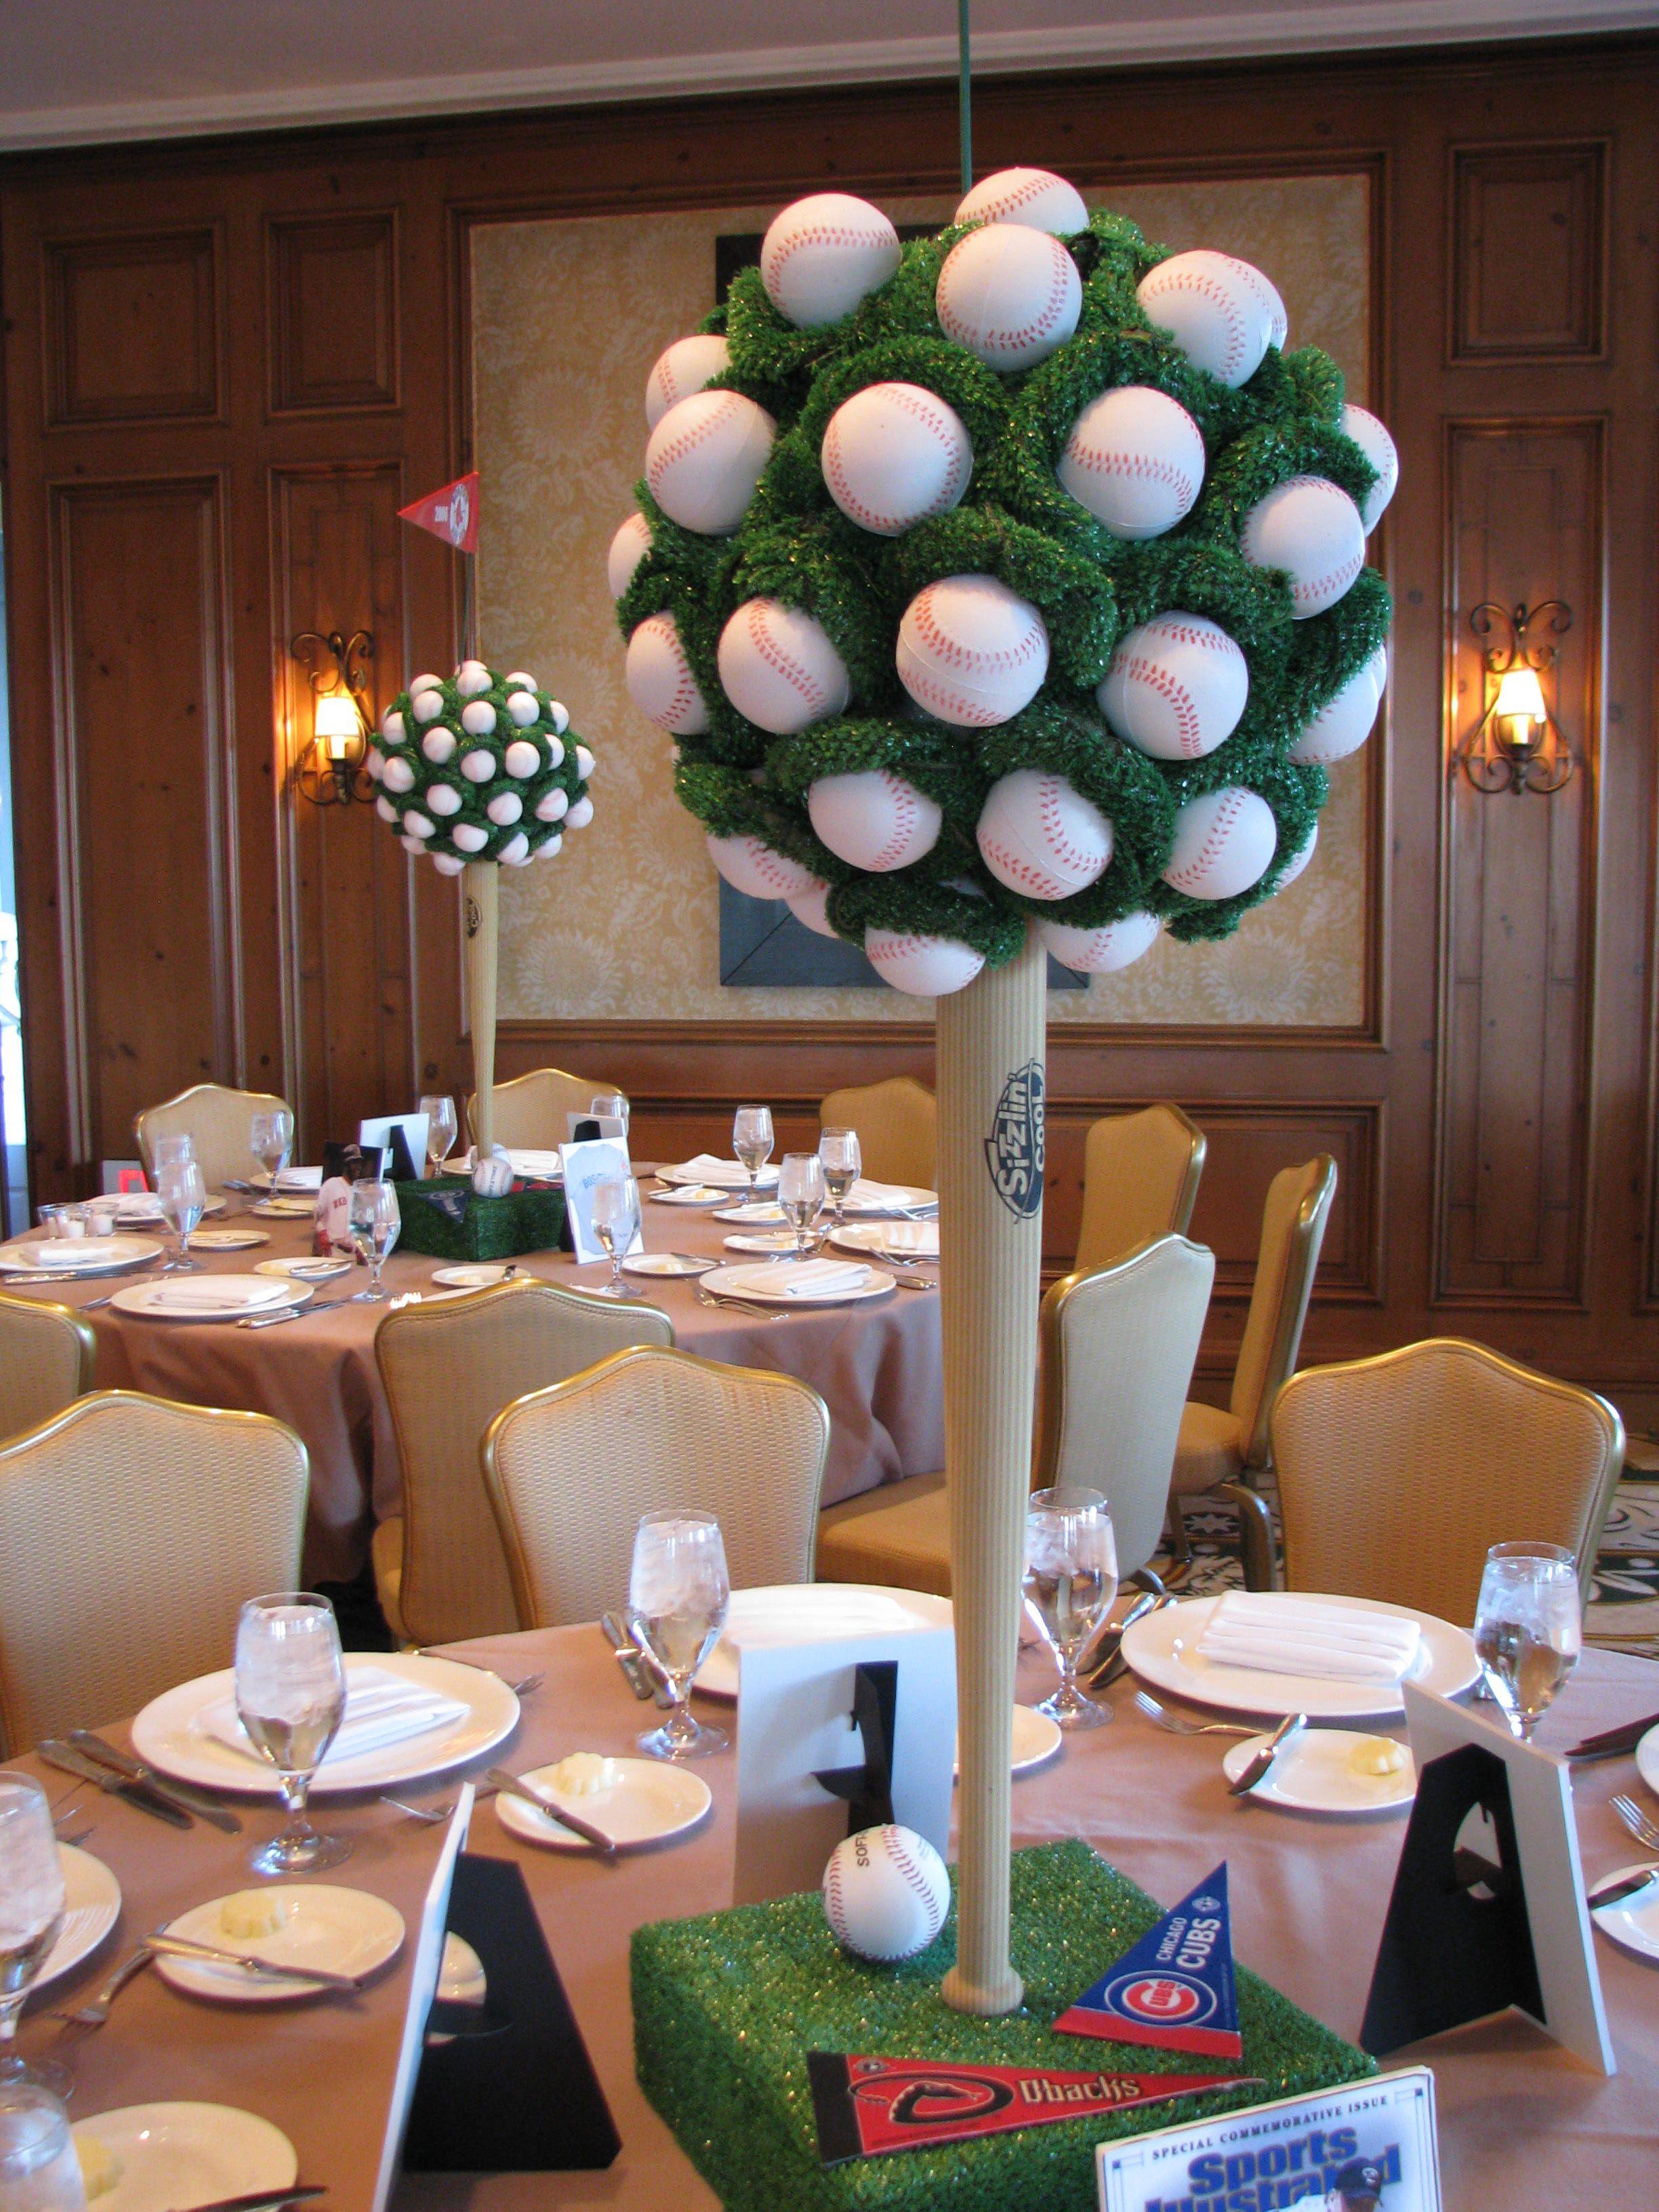 Baseball Banquet Centerpiece Ideas : Baseball bar mitzvah jonathan fong style party